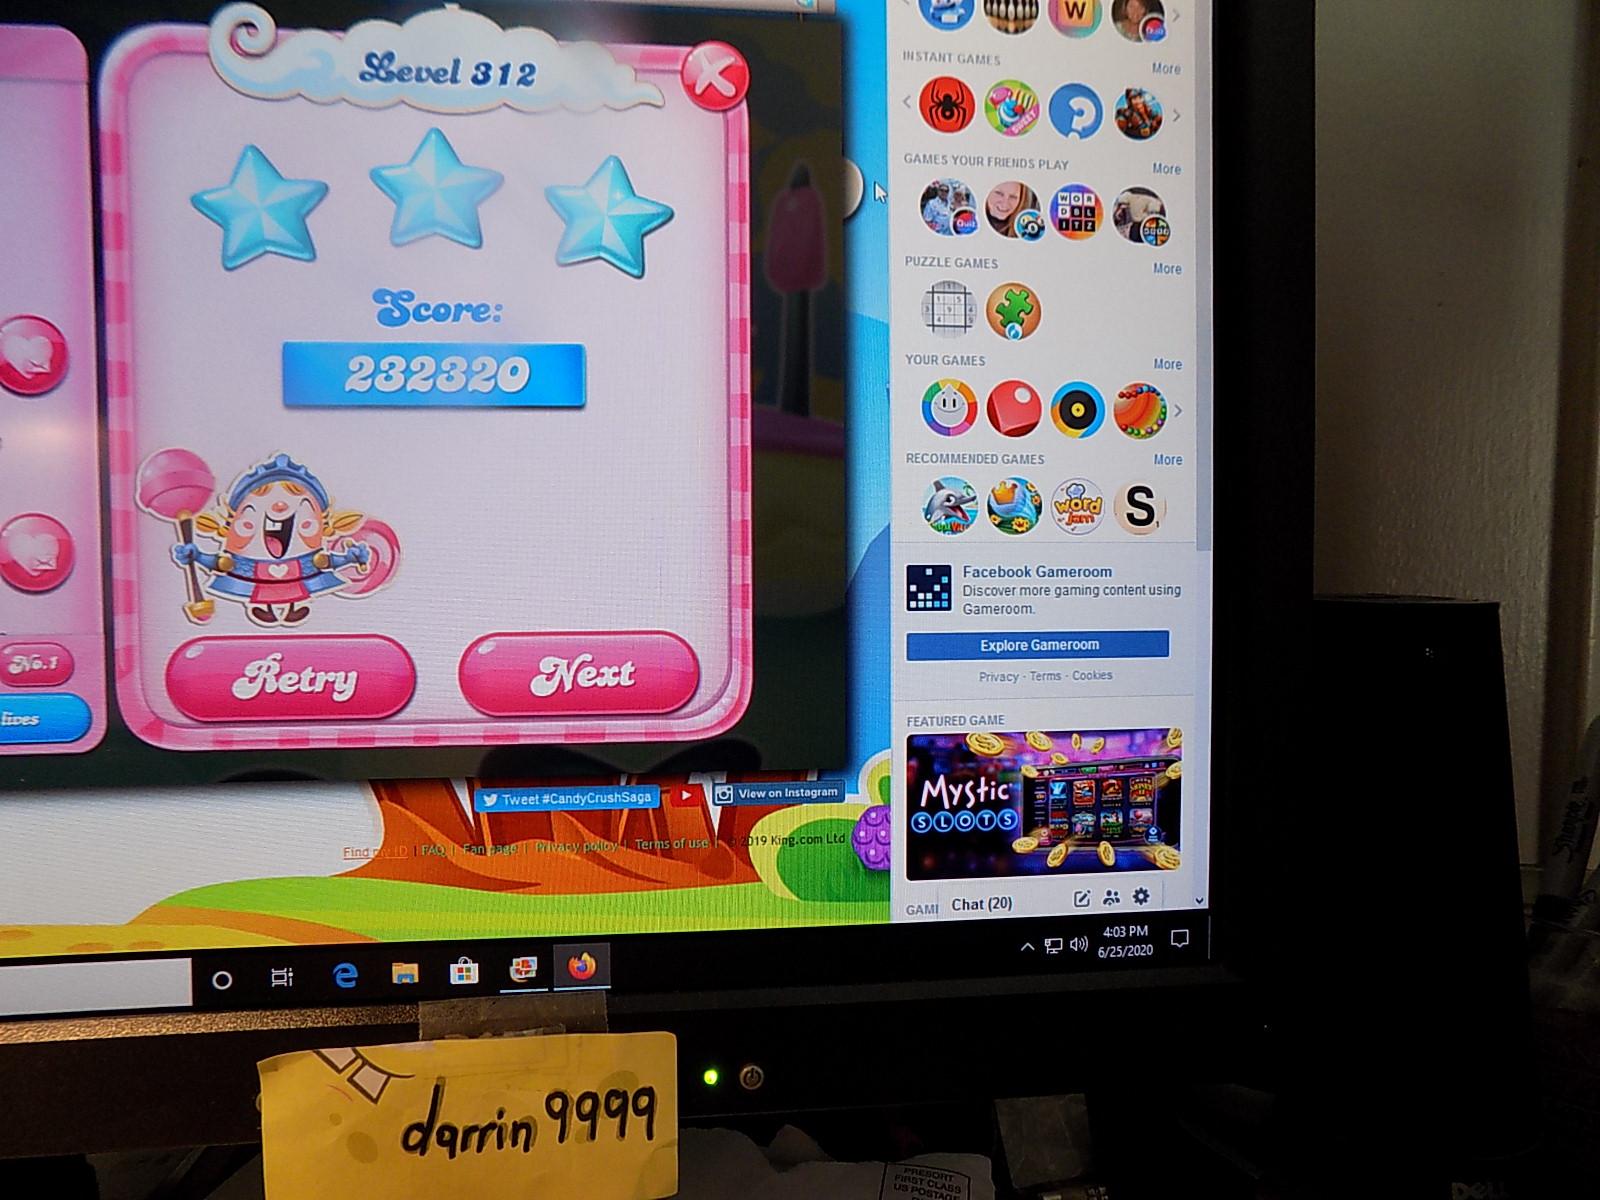 darrin9999: Candy Crush Saga: Level 312 (Web) 232,320 points on 2020-08-02 16:20:50